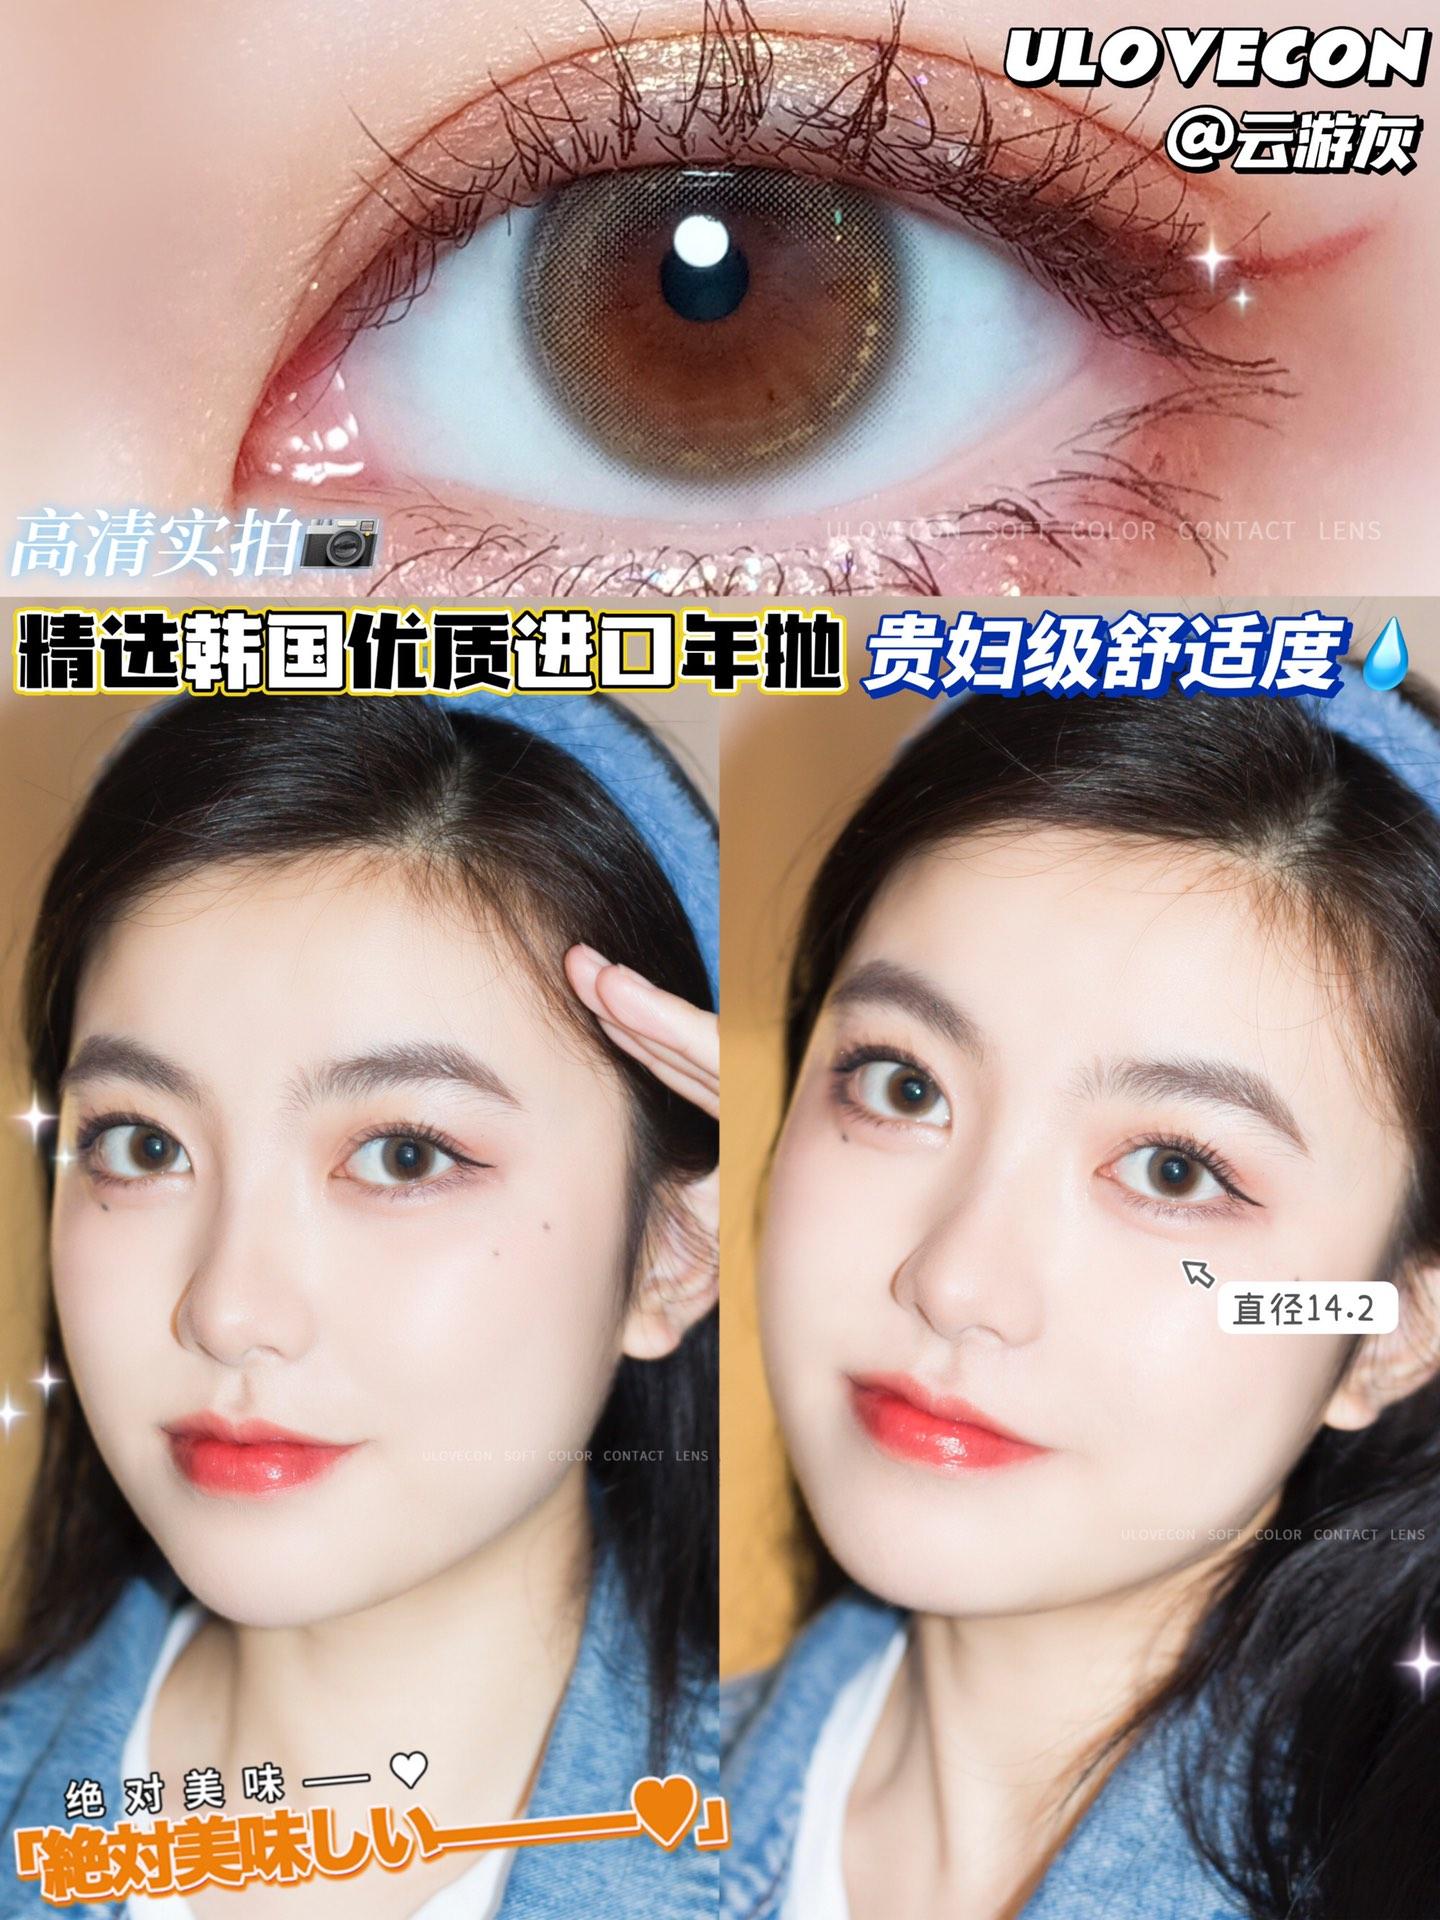 初戴美瞳需要注意什么?Ulovecon美瞳来帮你-VVCON美瞳网